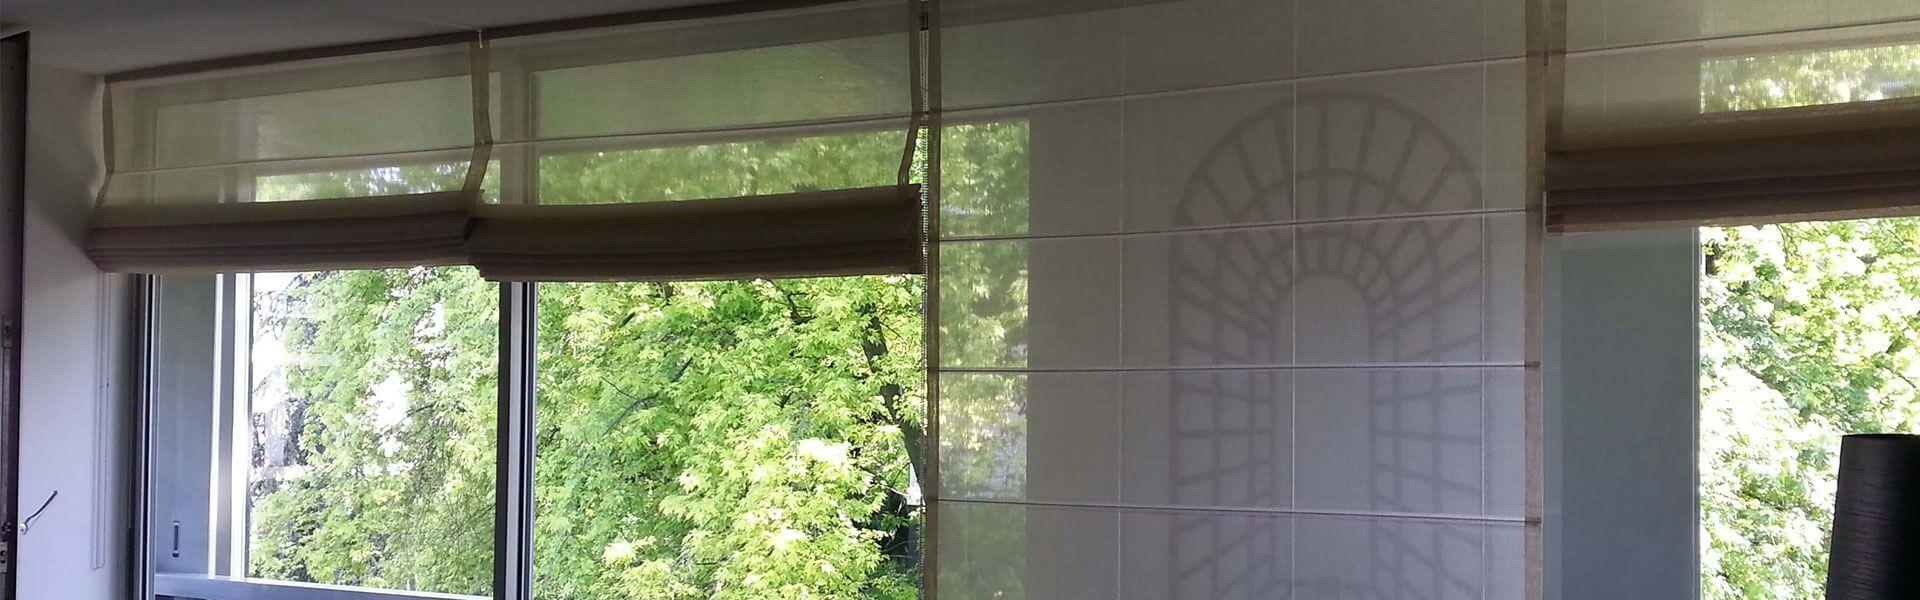 Systeme De Rideau Coulissant le spécialiste des rails et tringles à rideaux - odec